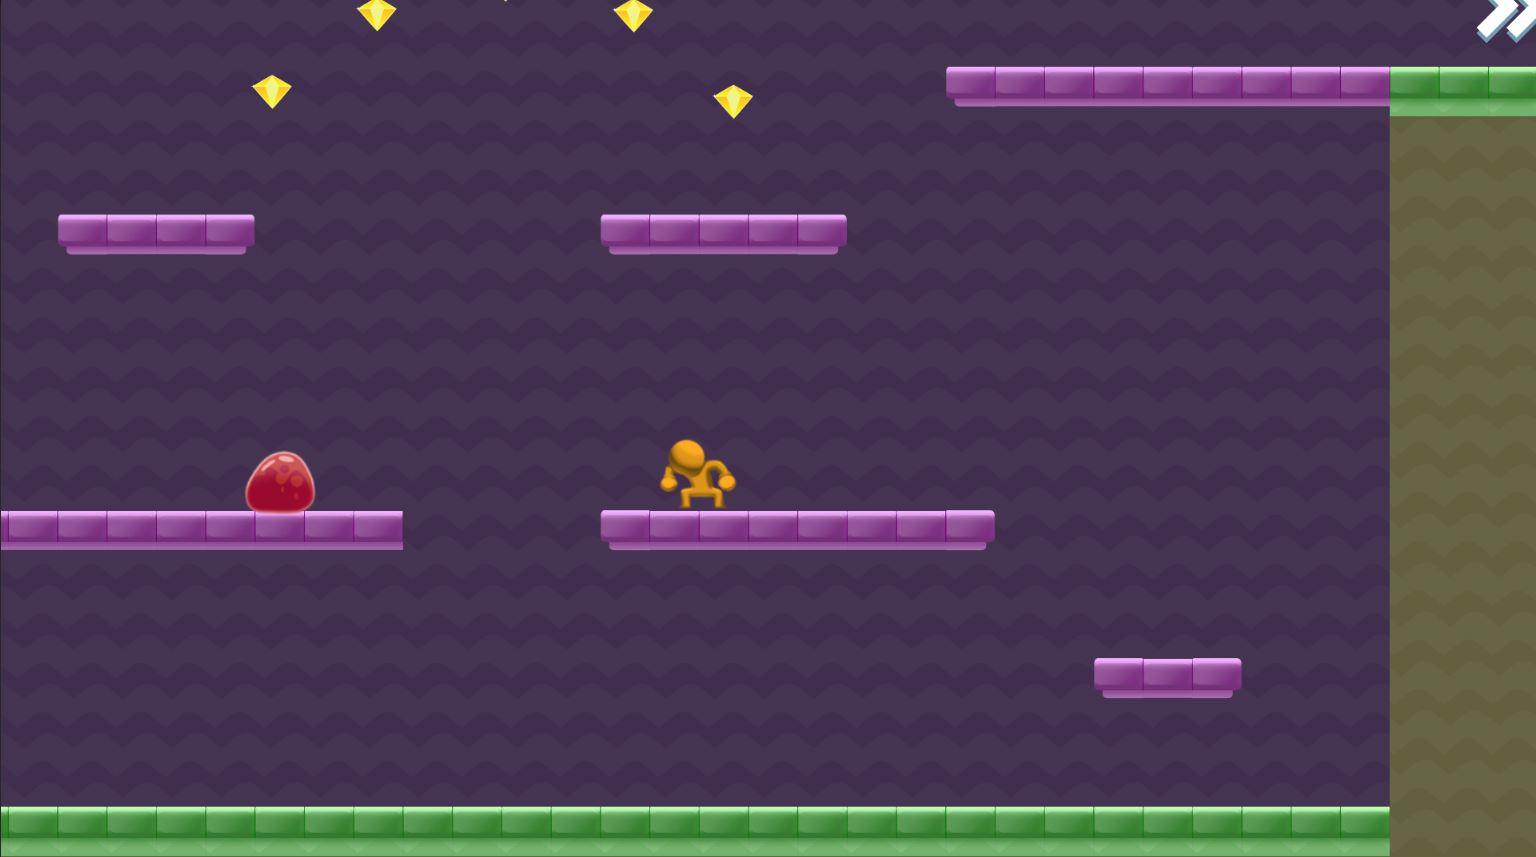 2D Platformer Microgame